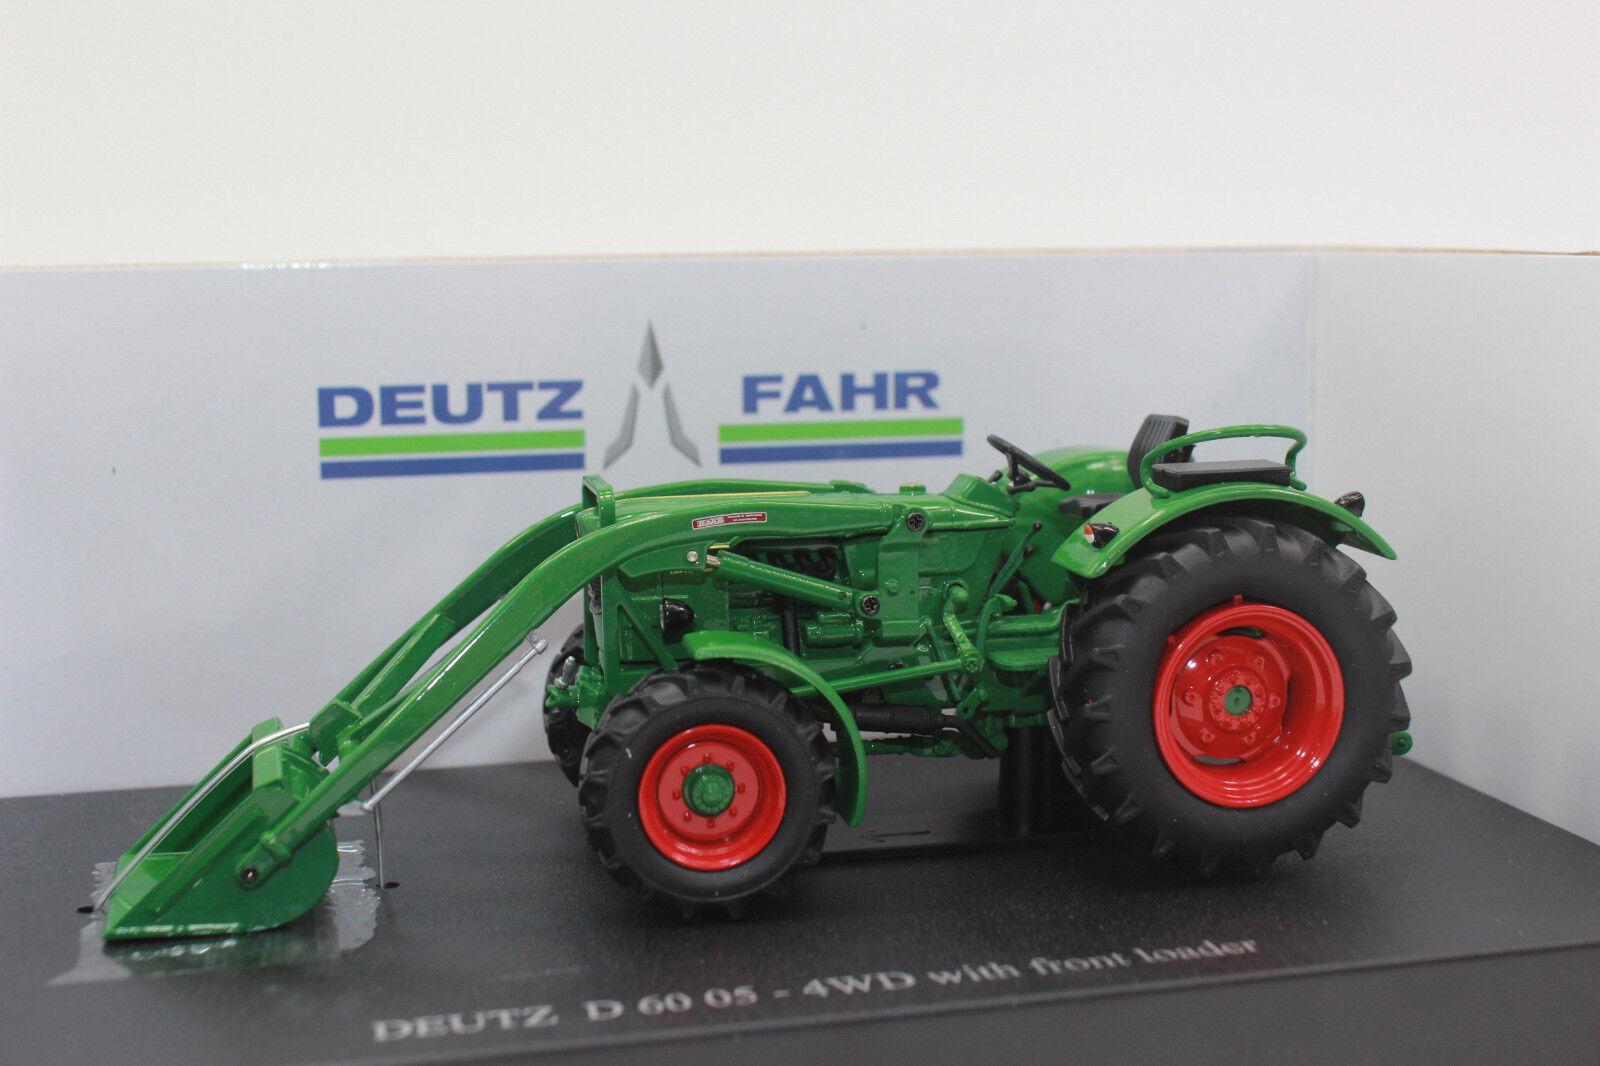 garantía de crédito Uh 5307 Deutz Fahr d6005 4wd + Cochegador frontal 1 1 1 32 nuevo en OVP  Ahorre 60% de descuento y envío rápido a todo el mundo.